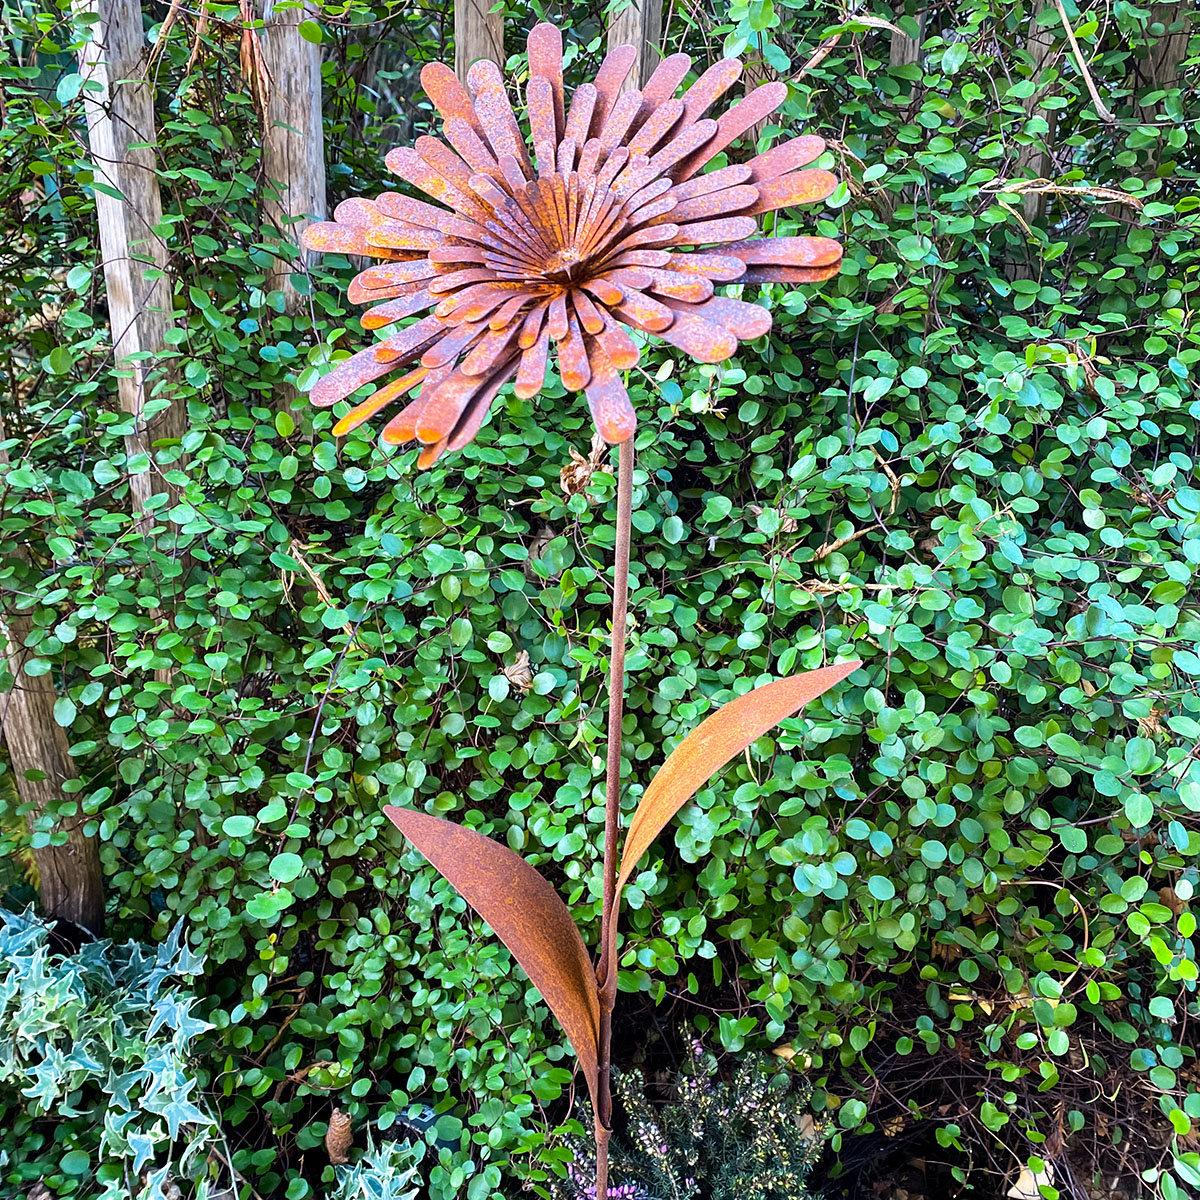 Gartenstecker Sonnenschein, Edelrost | #3